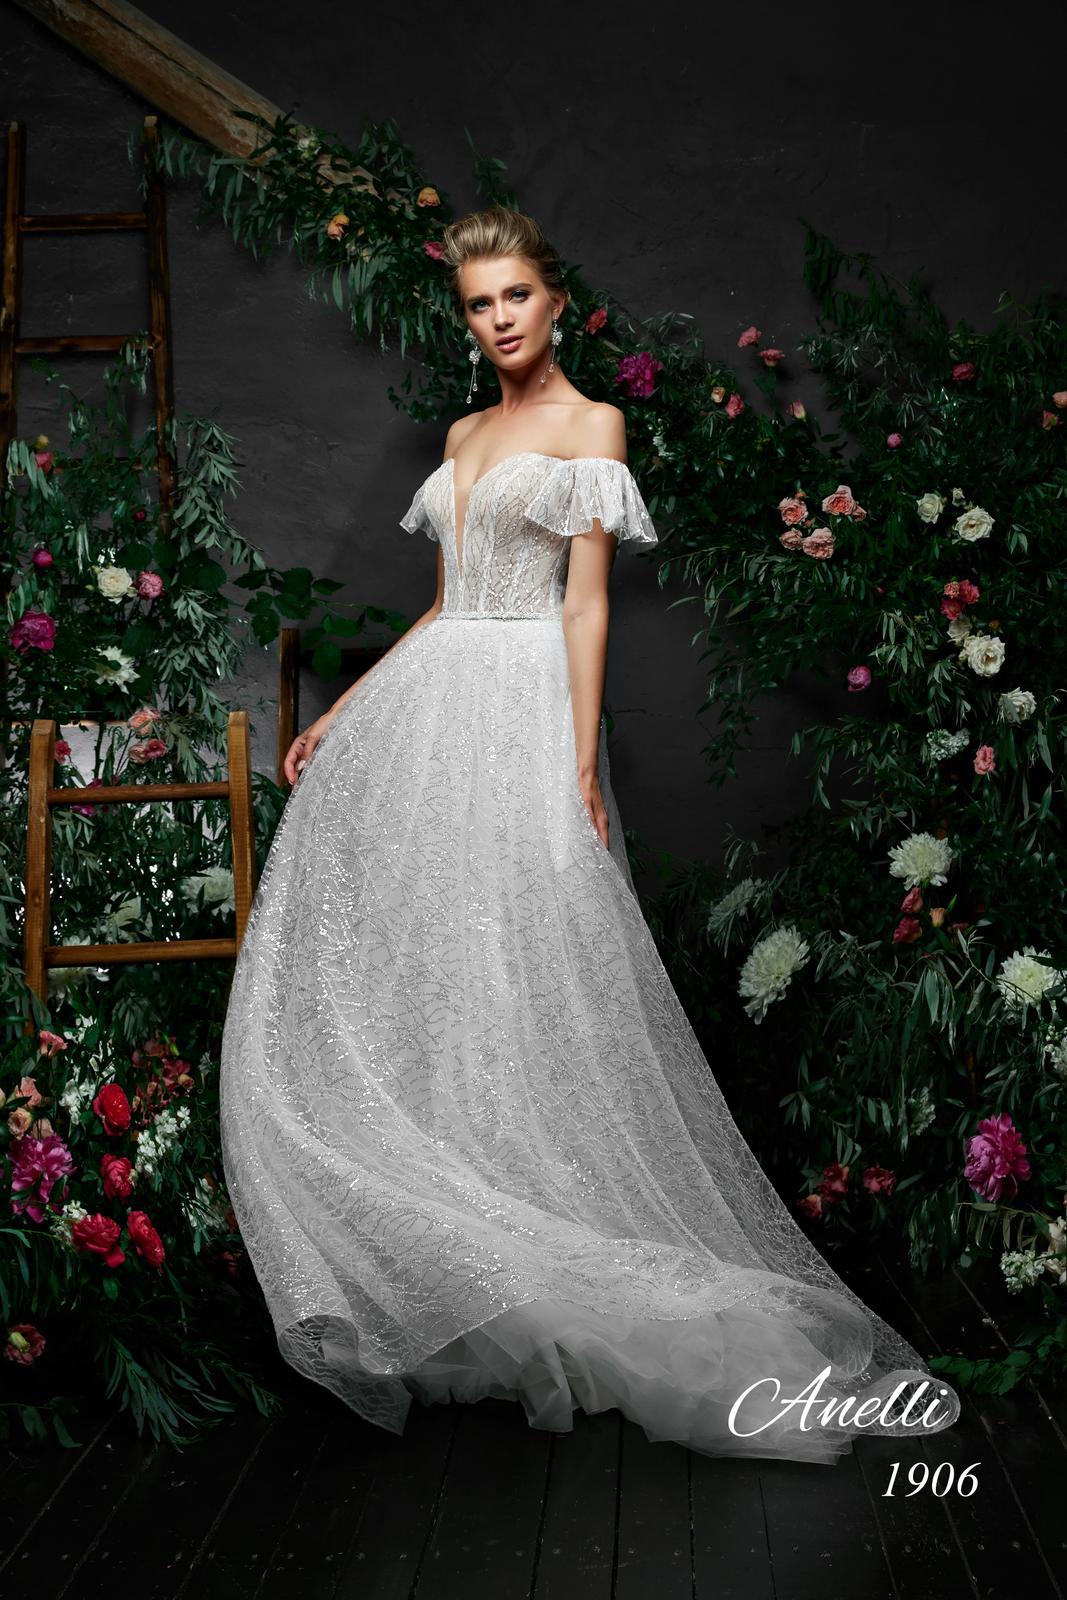 Svadobné šaty - Blossom 1906 - Obrázok č. 4